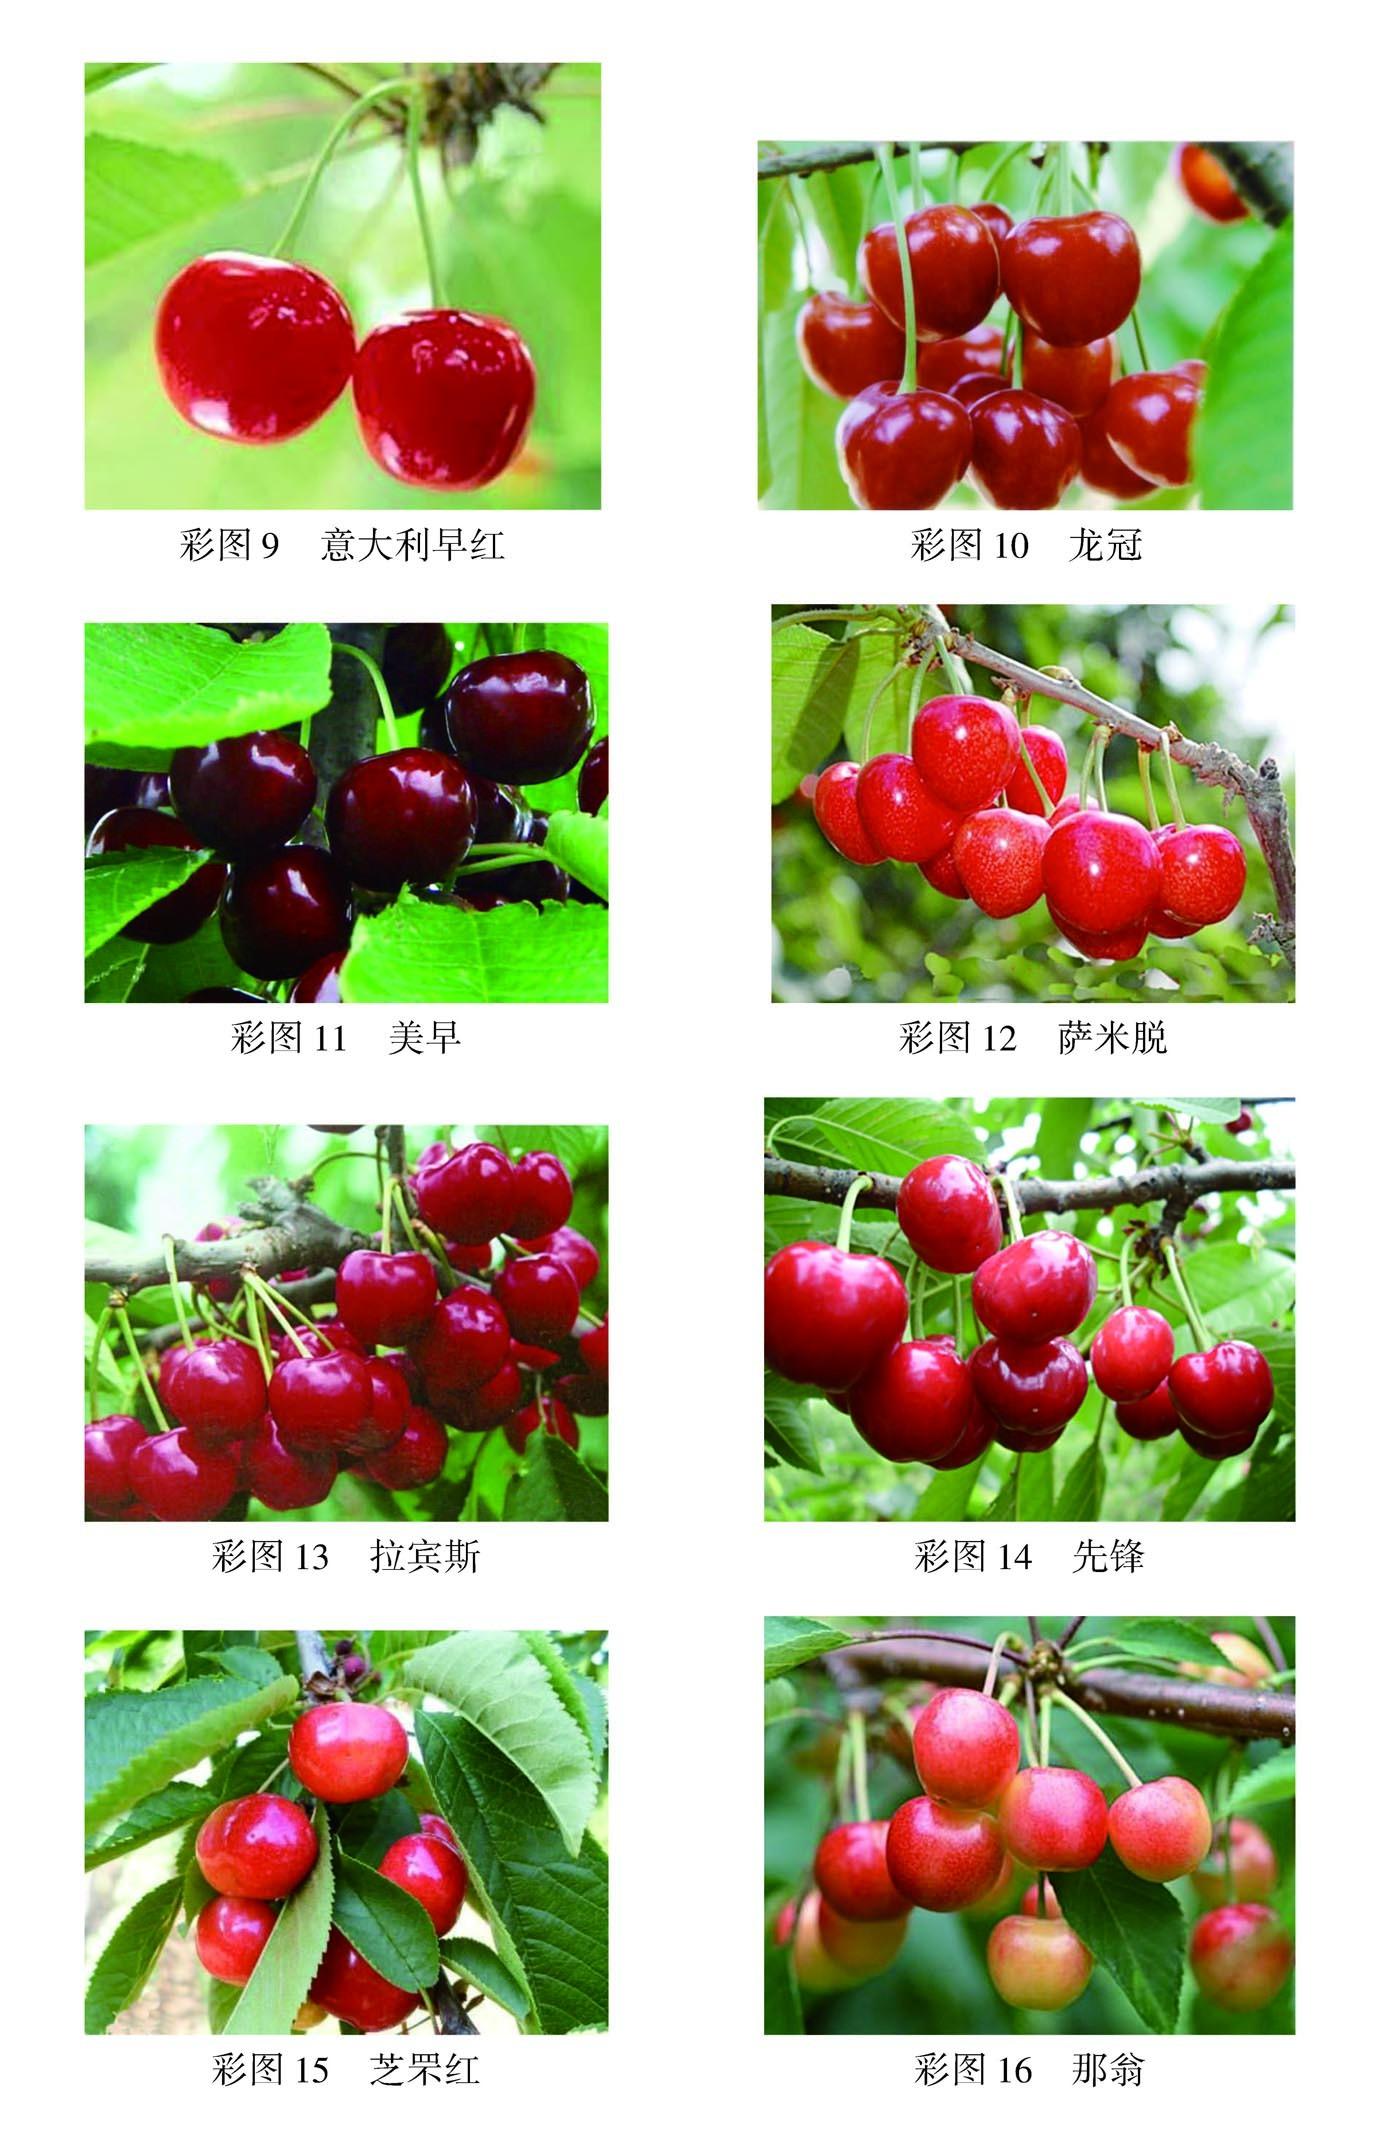 本书内容包括概述、甜樱桃的优良品种、樱桃的生物学特性、甜樱桃育苗技术、甜樱桃园的建立、甜樱桃田间管理技术(土肥水管理、花果管理、整形修剪技术)、甜樱桃病虫害防治技术和甜樱桃果实采收与采后处理共八章内容。内容简要实用,技术性强,文字、表格、插图等通俗易懂,并插有知识拓展、重要提示等特色栏目,以补充知识点。可供广大果树种植户和相关技术人员以及农林院校师生阅读参考。 目录 序 前言 第一章 概述 第一节 甜樱桃的栽培历史与利用价值 一、我国甜樱桃的发展历史 二、甜樱桃的利用价值 第二节 世界甜樱桃生产概况 第三